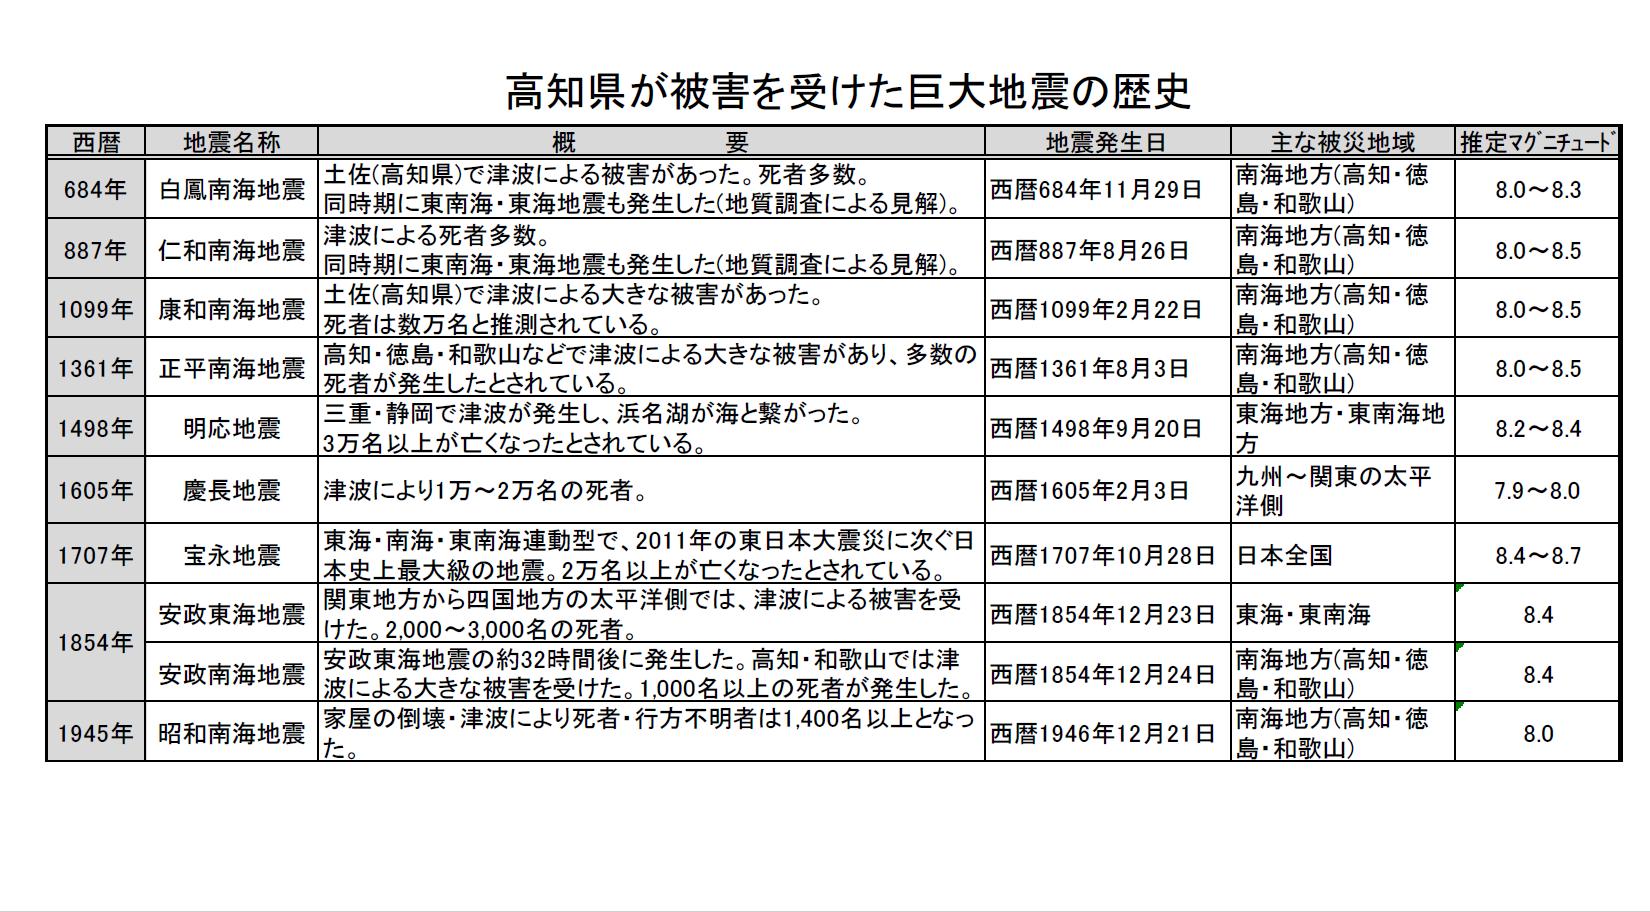 高知県の巨大地震の歴史